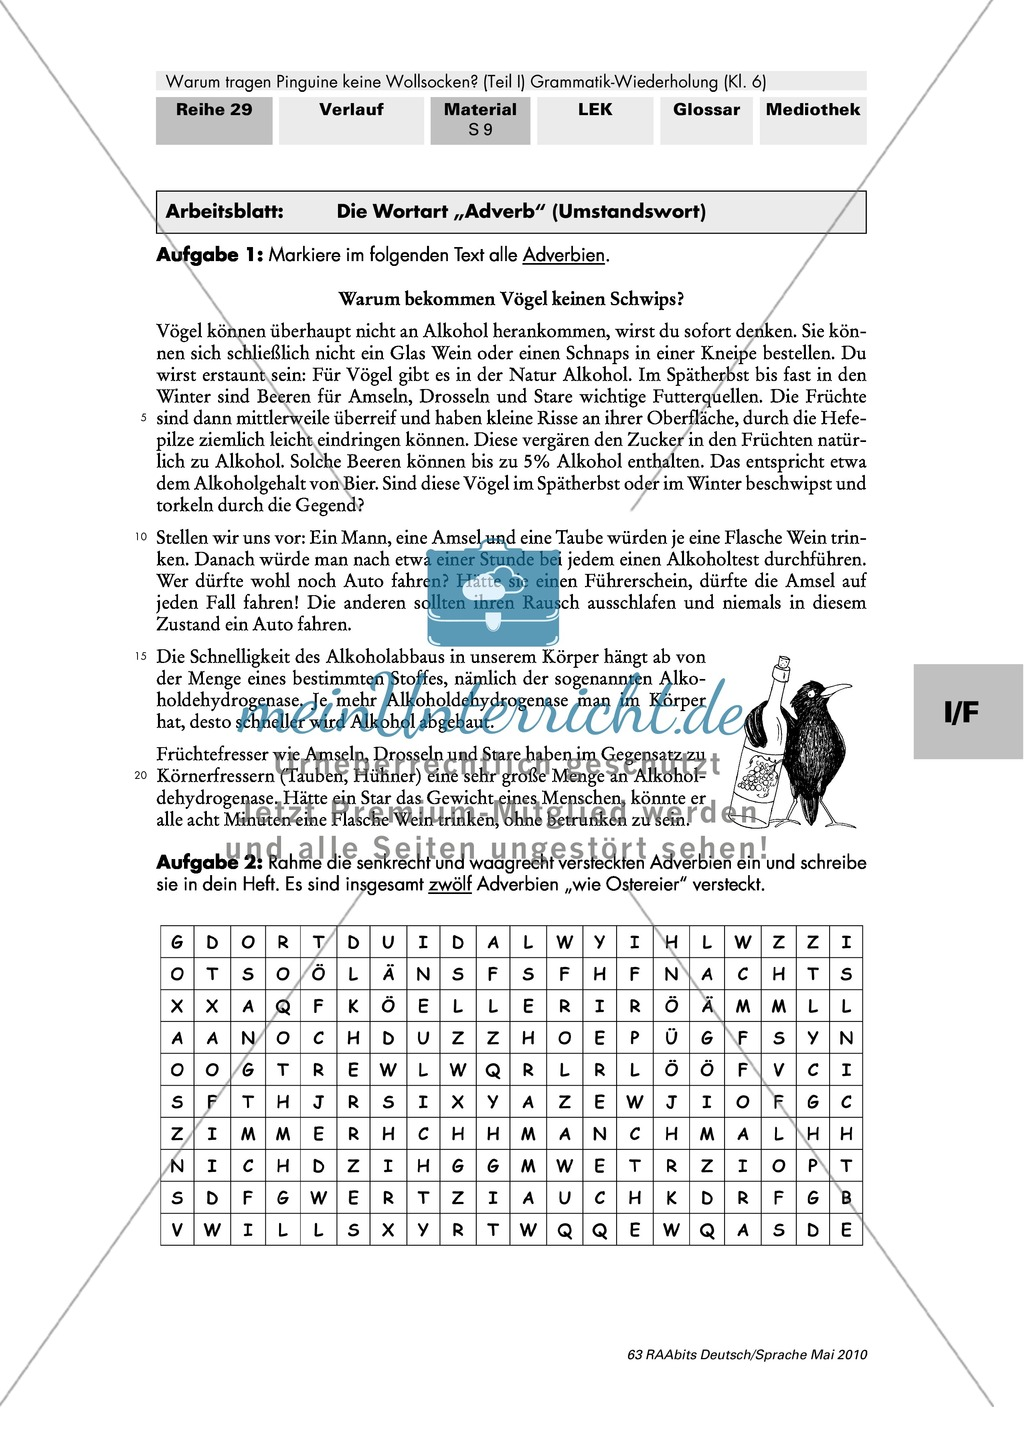 Warum tragen Pinguine keine Wollsocken? Eine individuelle Grammatik-Wiederholung zu den Wortarten Preview 15